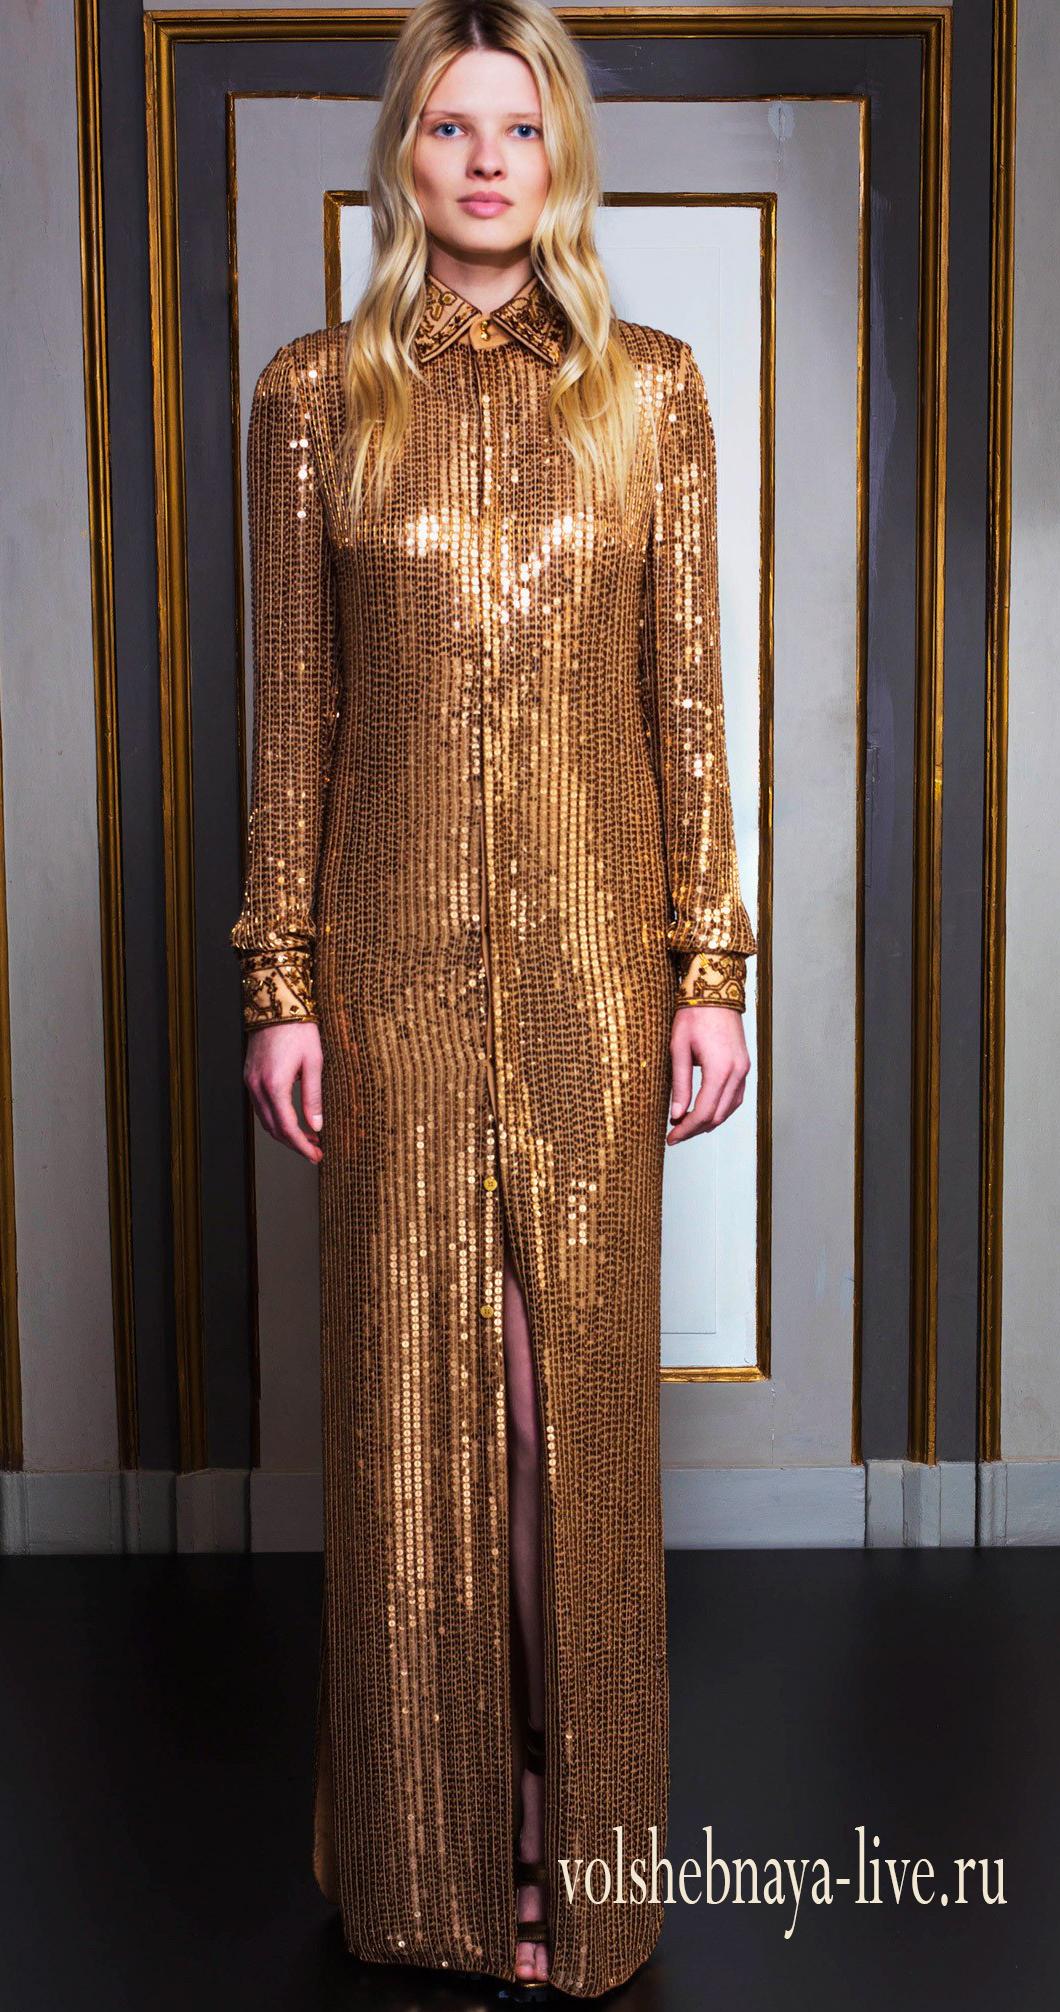 d0123656131 Длинное золотое платье в пайетках. Обзор с фото. - volshebnaya-live ...